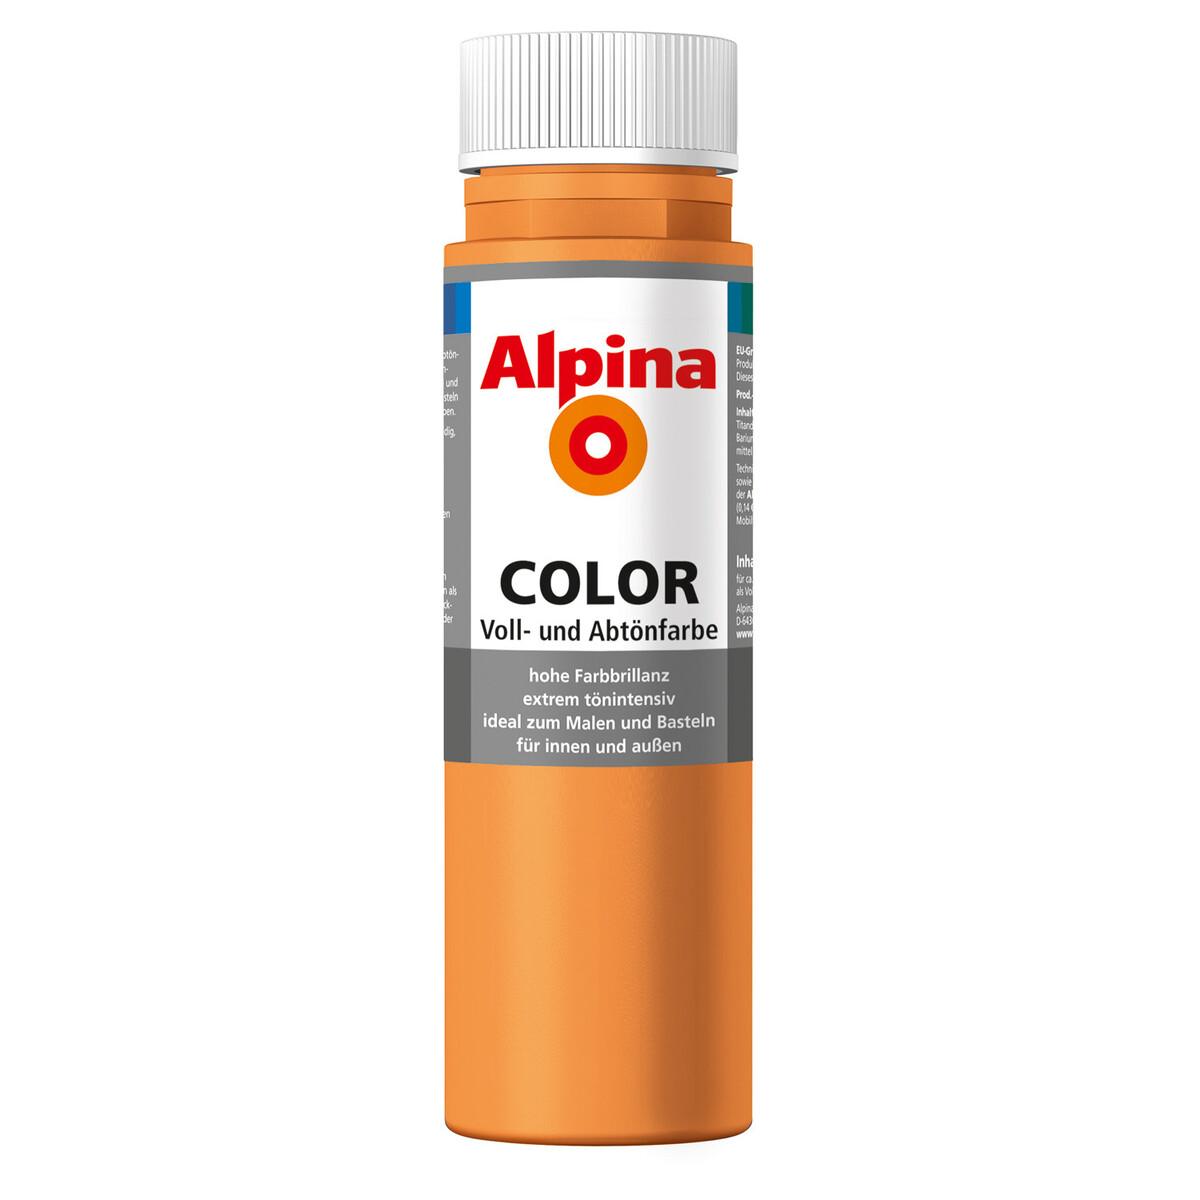 Bild 2 von Alpina Color Voll- und Abtönfarbe 'Fresh Orange' seidenmatt 250 ml